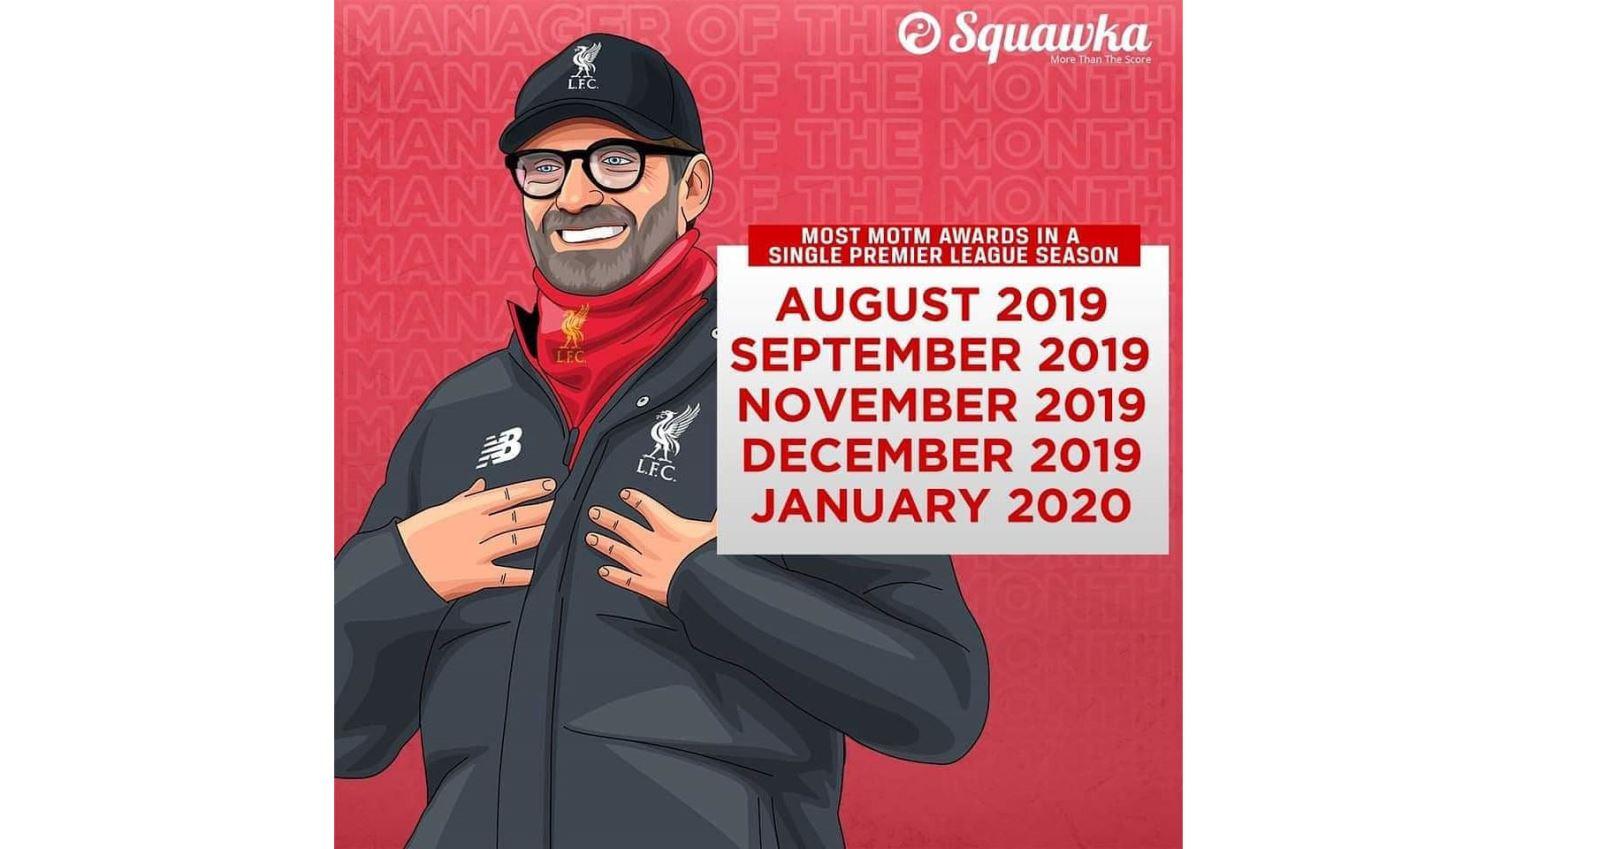 Juergen Klopp, Pep Guardiola, bóng đá, bong da, lịch thi đấu, trực tiếp bóng đá, Liverpool, man city, ngoại hạng Anh